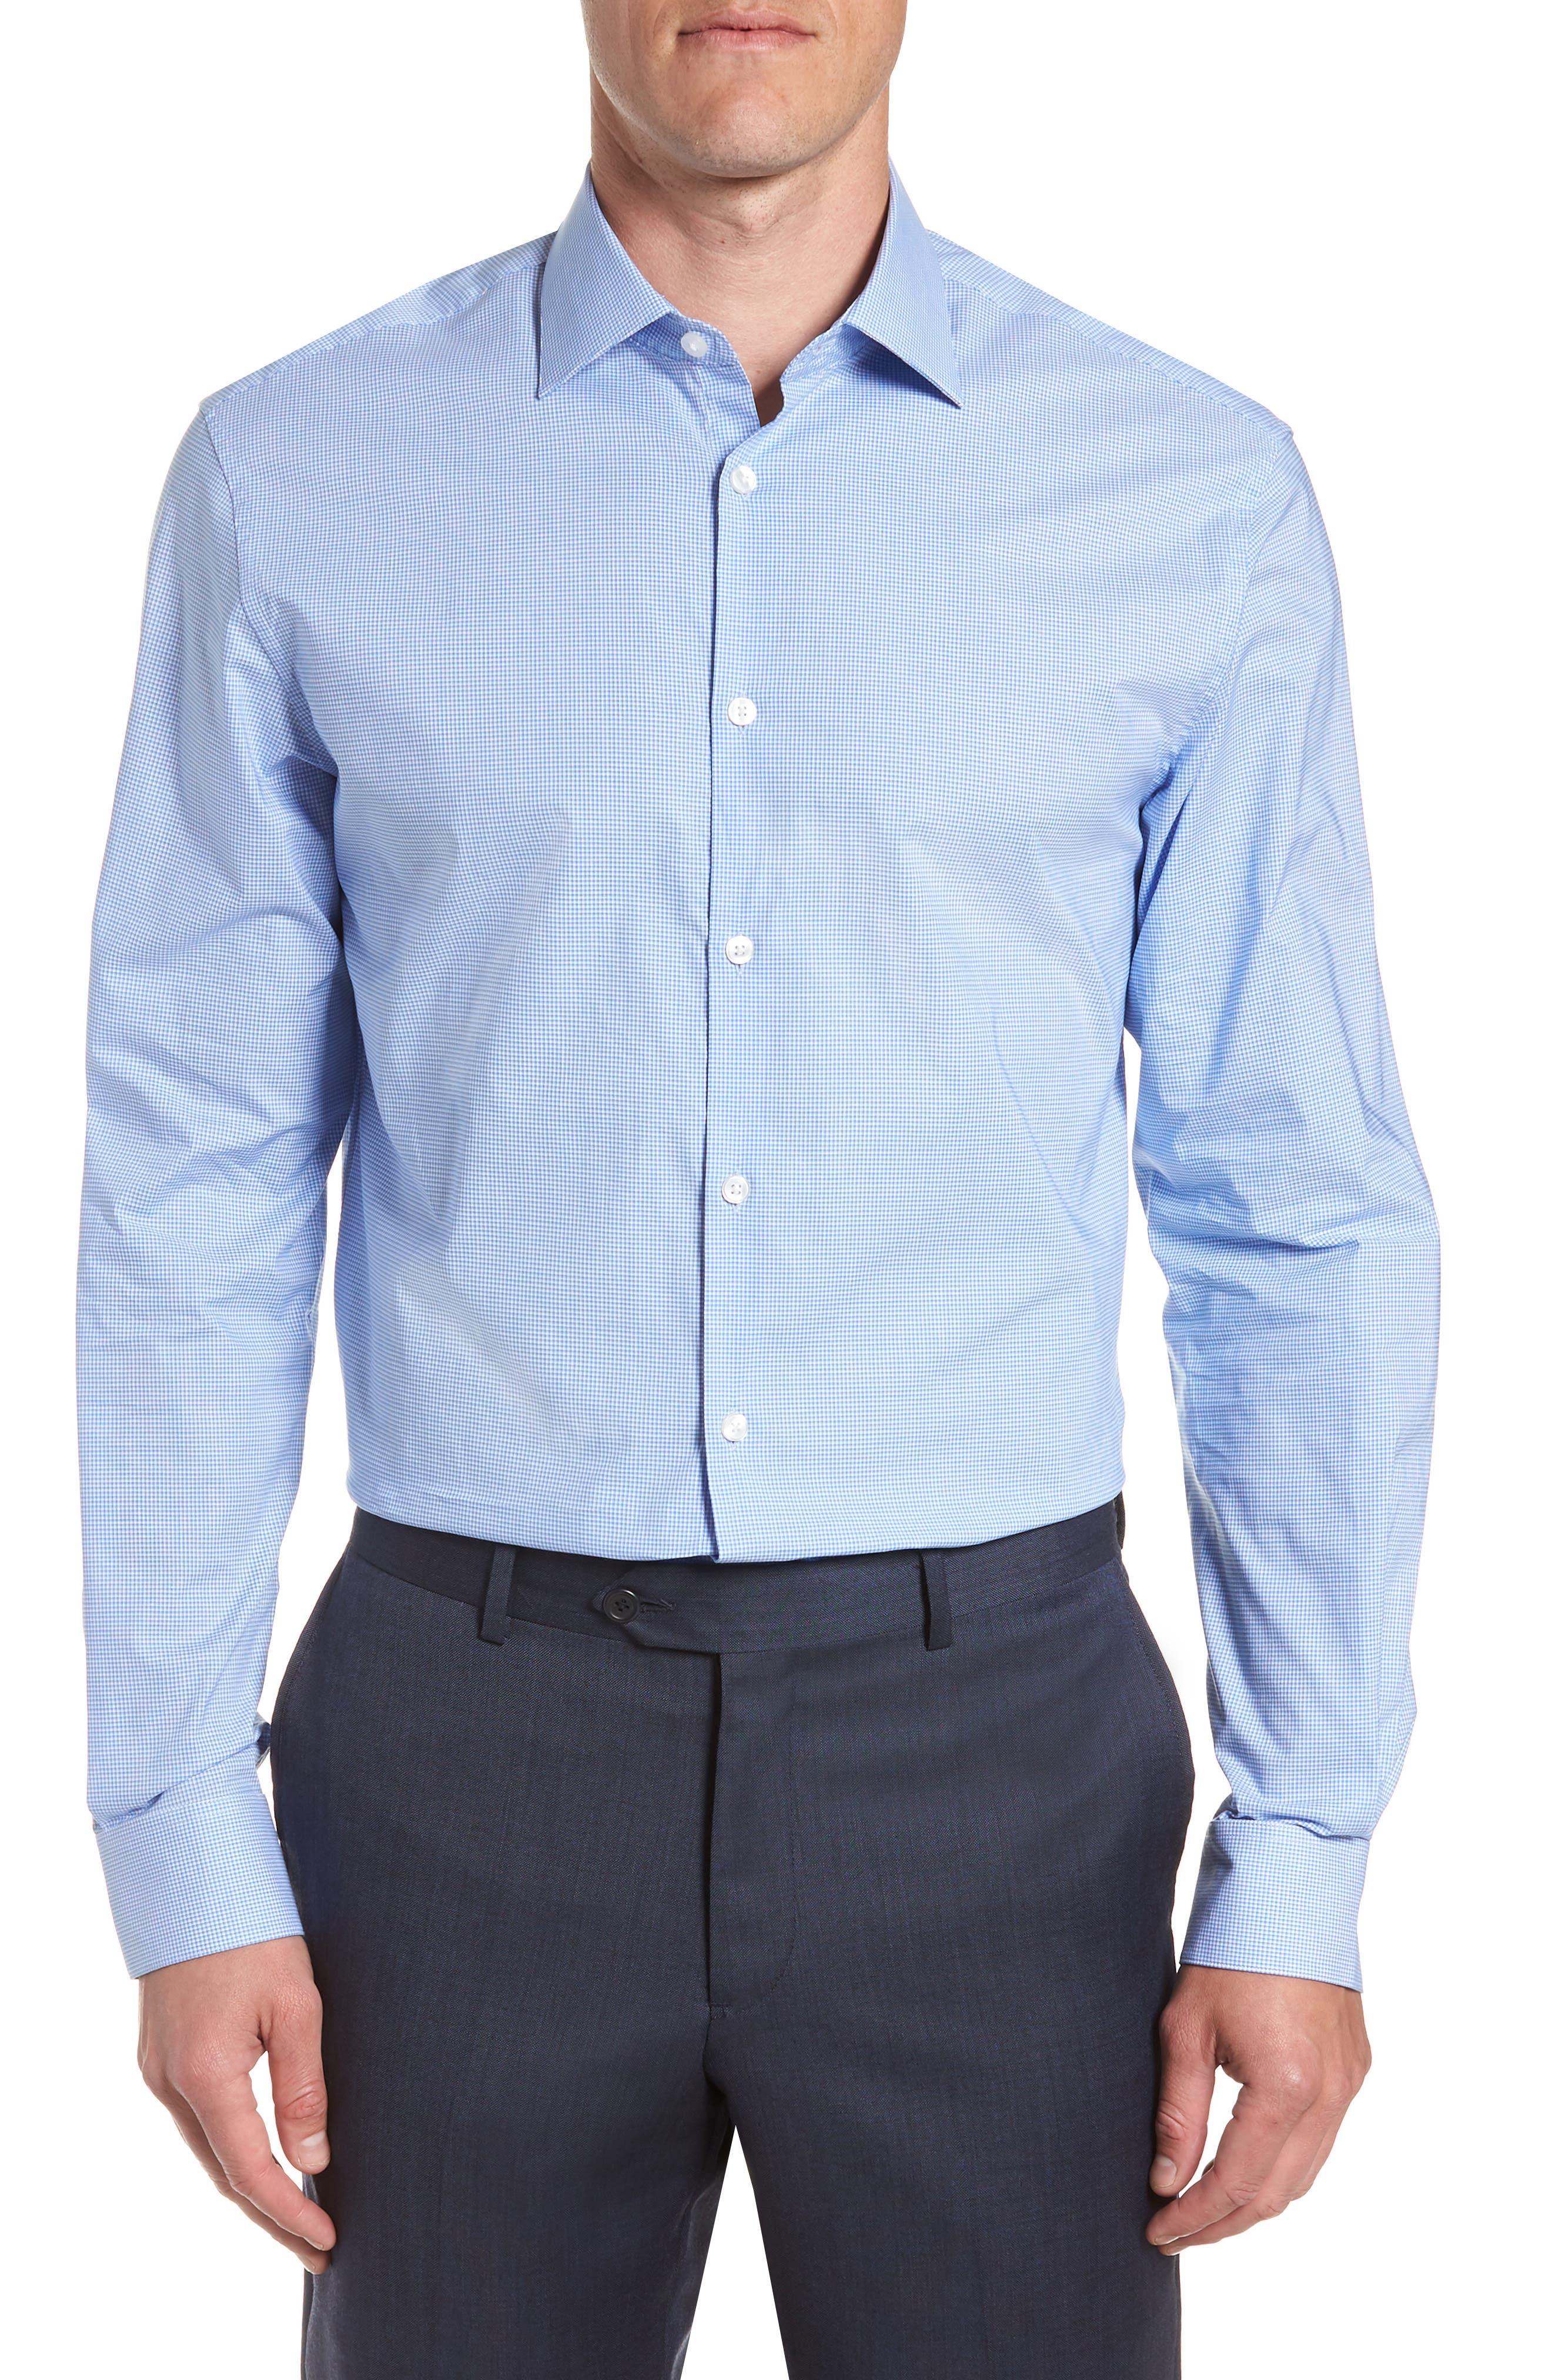 Microcheck Regular Fit Dress Shirt,                         Main,                         color, OCEAN BLUE